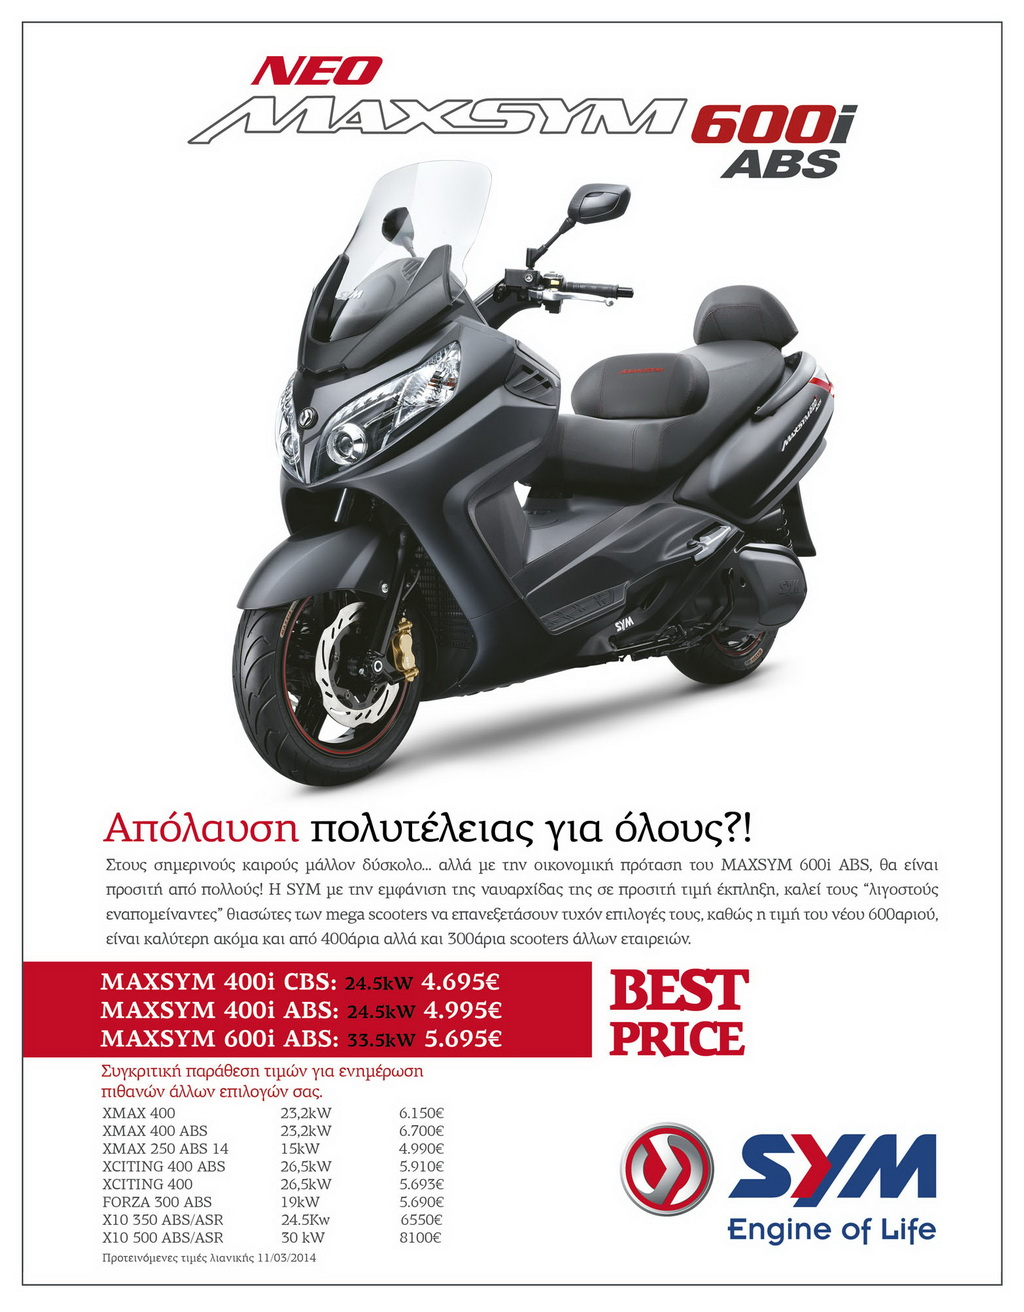 Με σύγκριση τιμών του ανταγωνισμού διαφημίζει η αντιπροσωπεία το νέο Maxsym 600i ABS